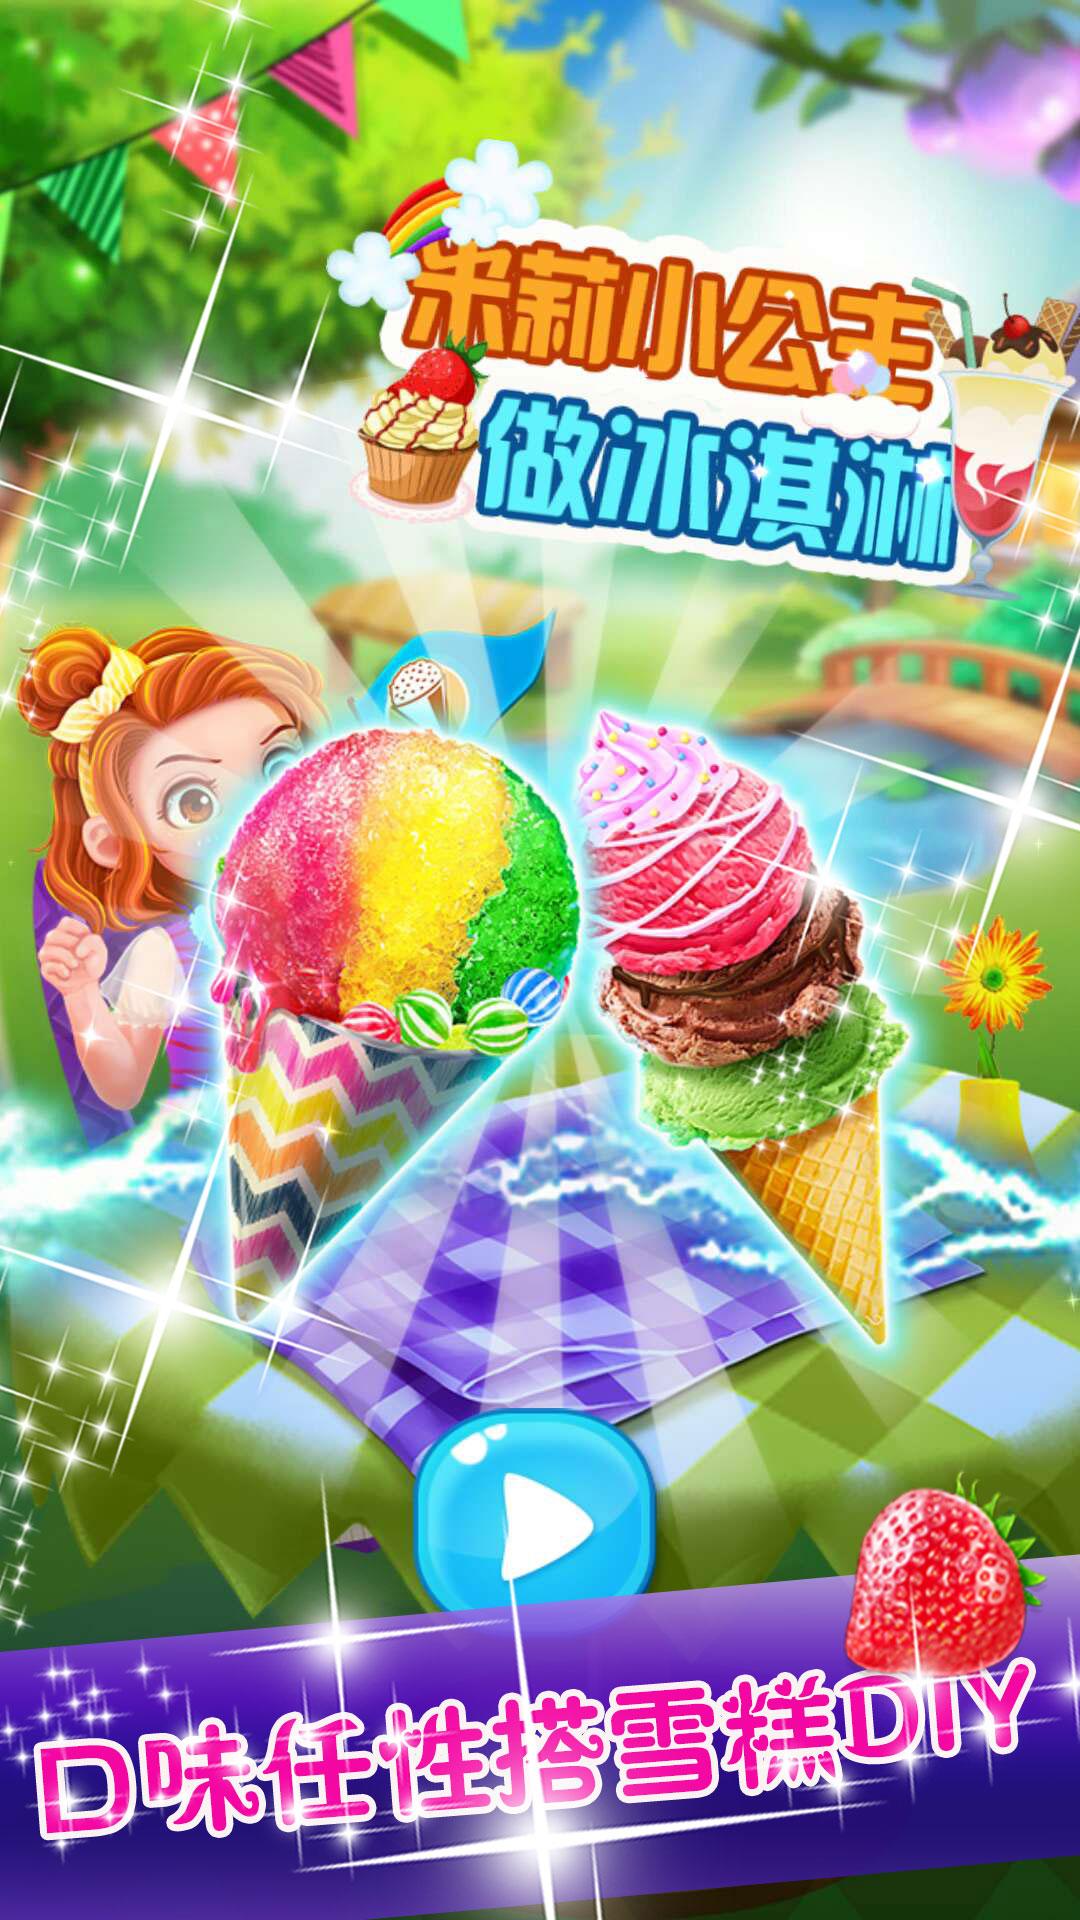 米莉小公主做冰淇淋|米莉小公主做冰淇淋精简版下载 3.8 - (图1)